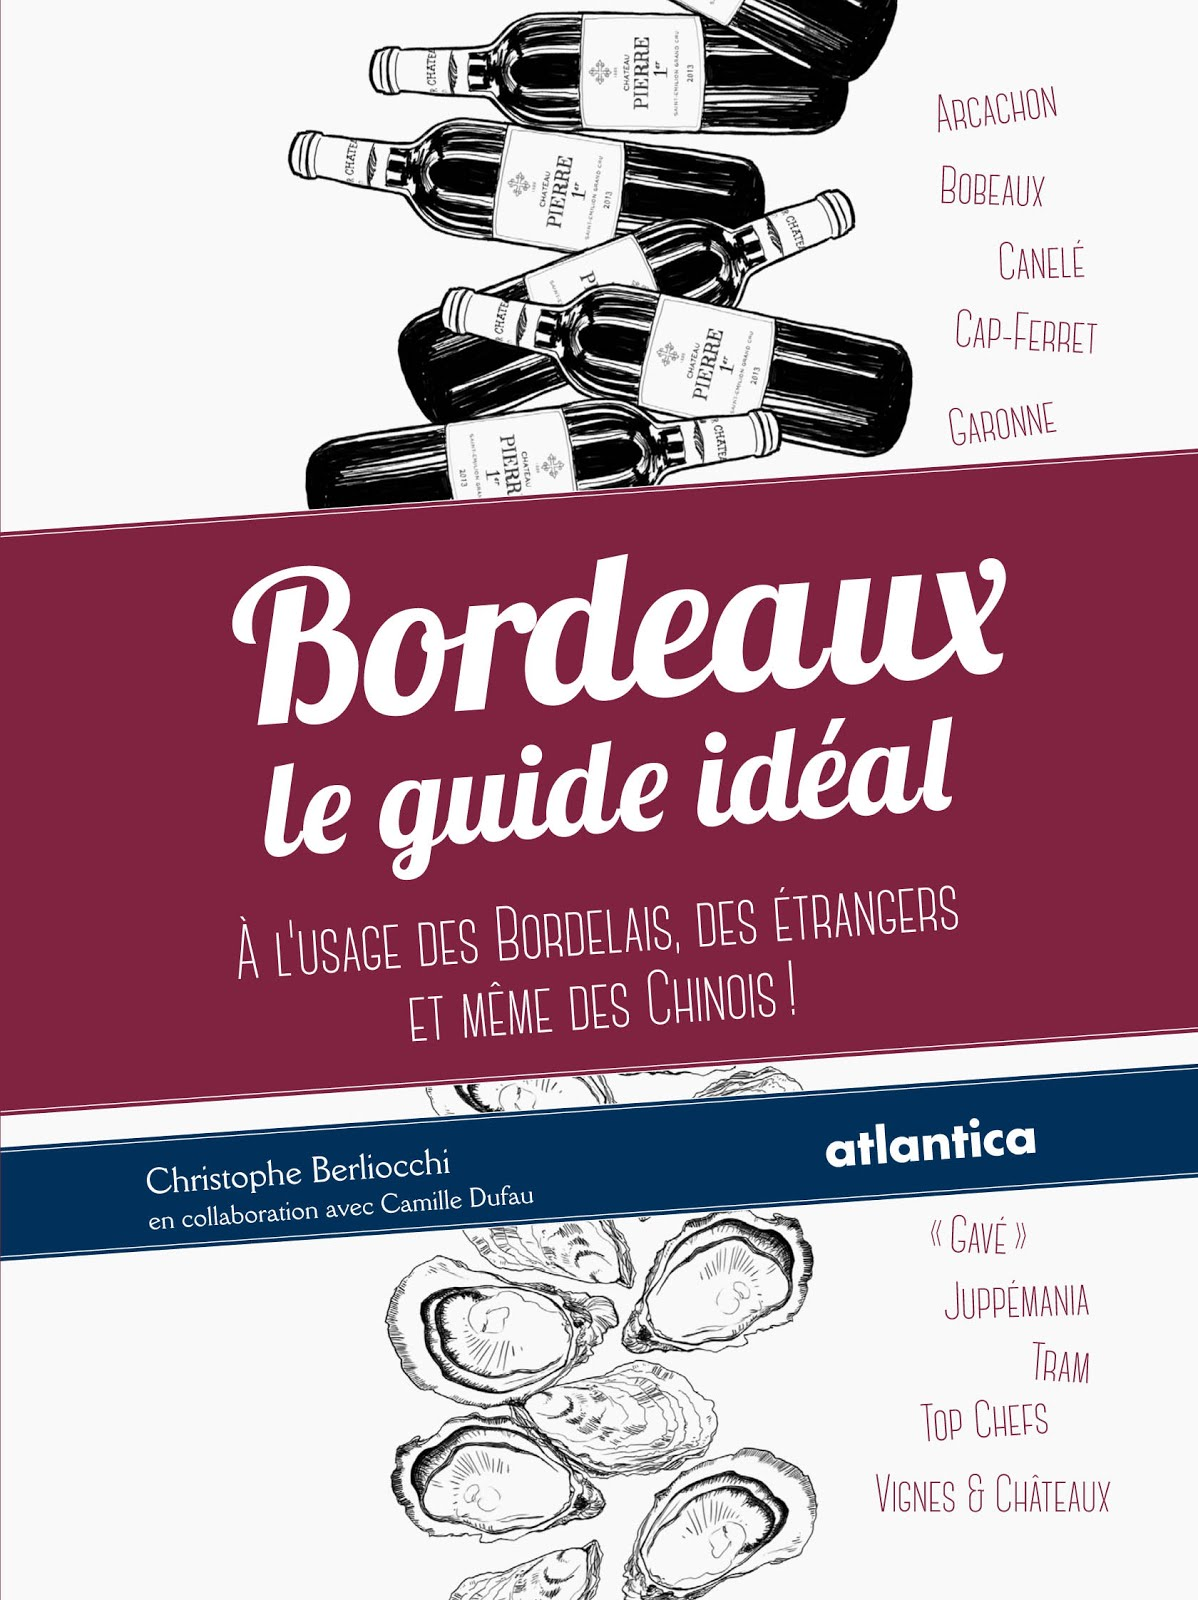 Le Guide Idéal de Bordeaux